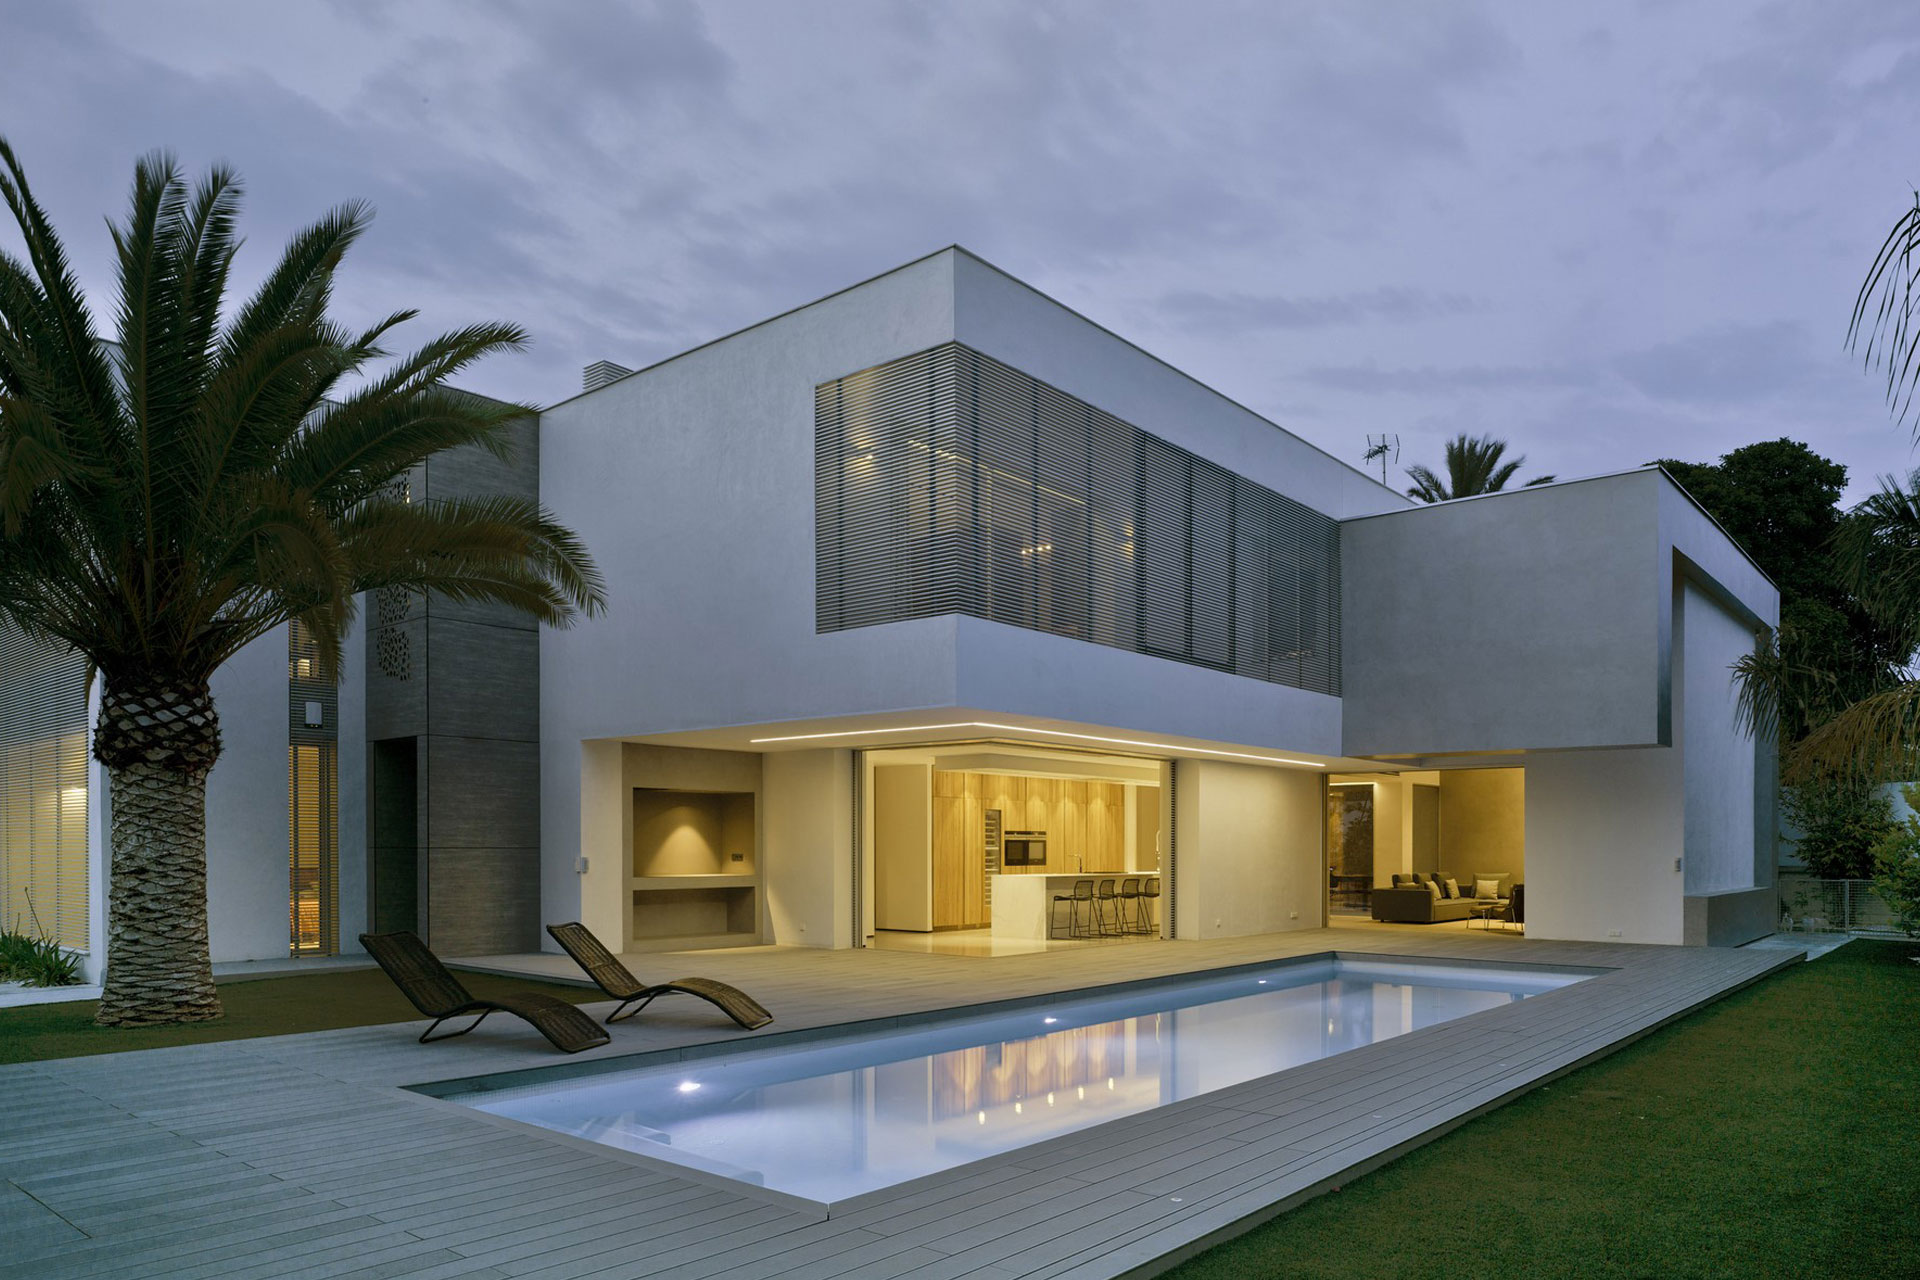 Proyecto de arquitectura. Vivienda unifamiliar